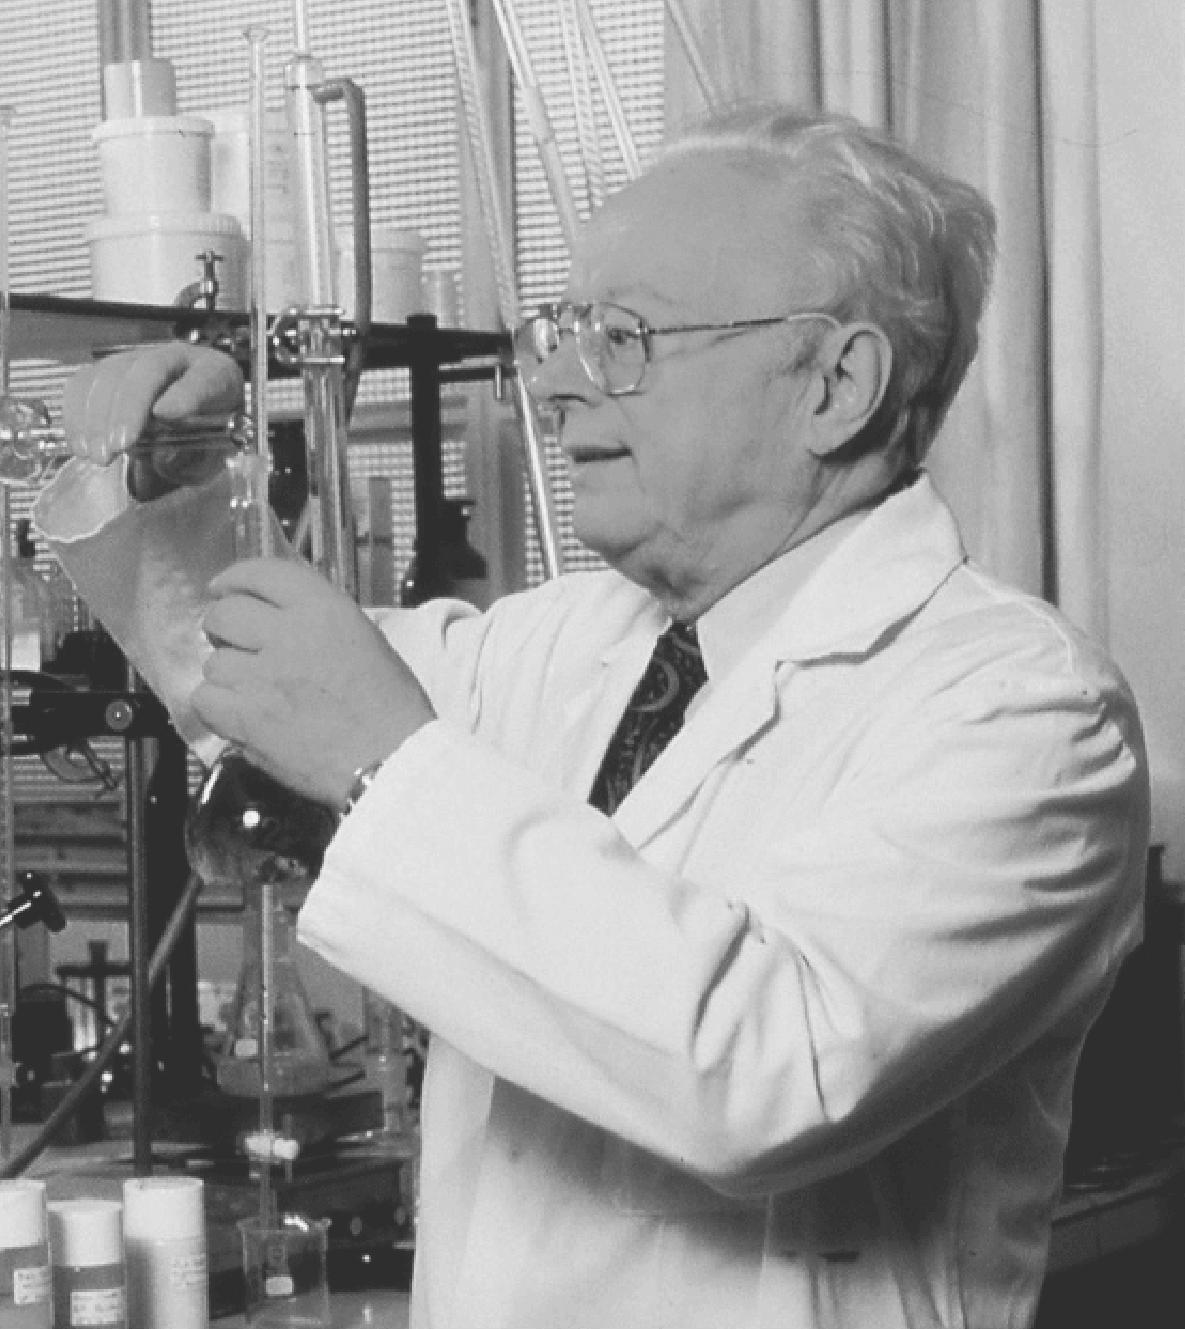 自然派スキンケアの先駆者ドクタールノー博士